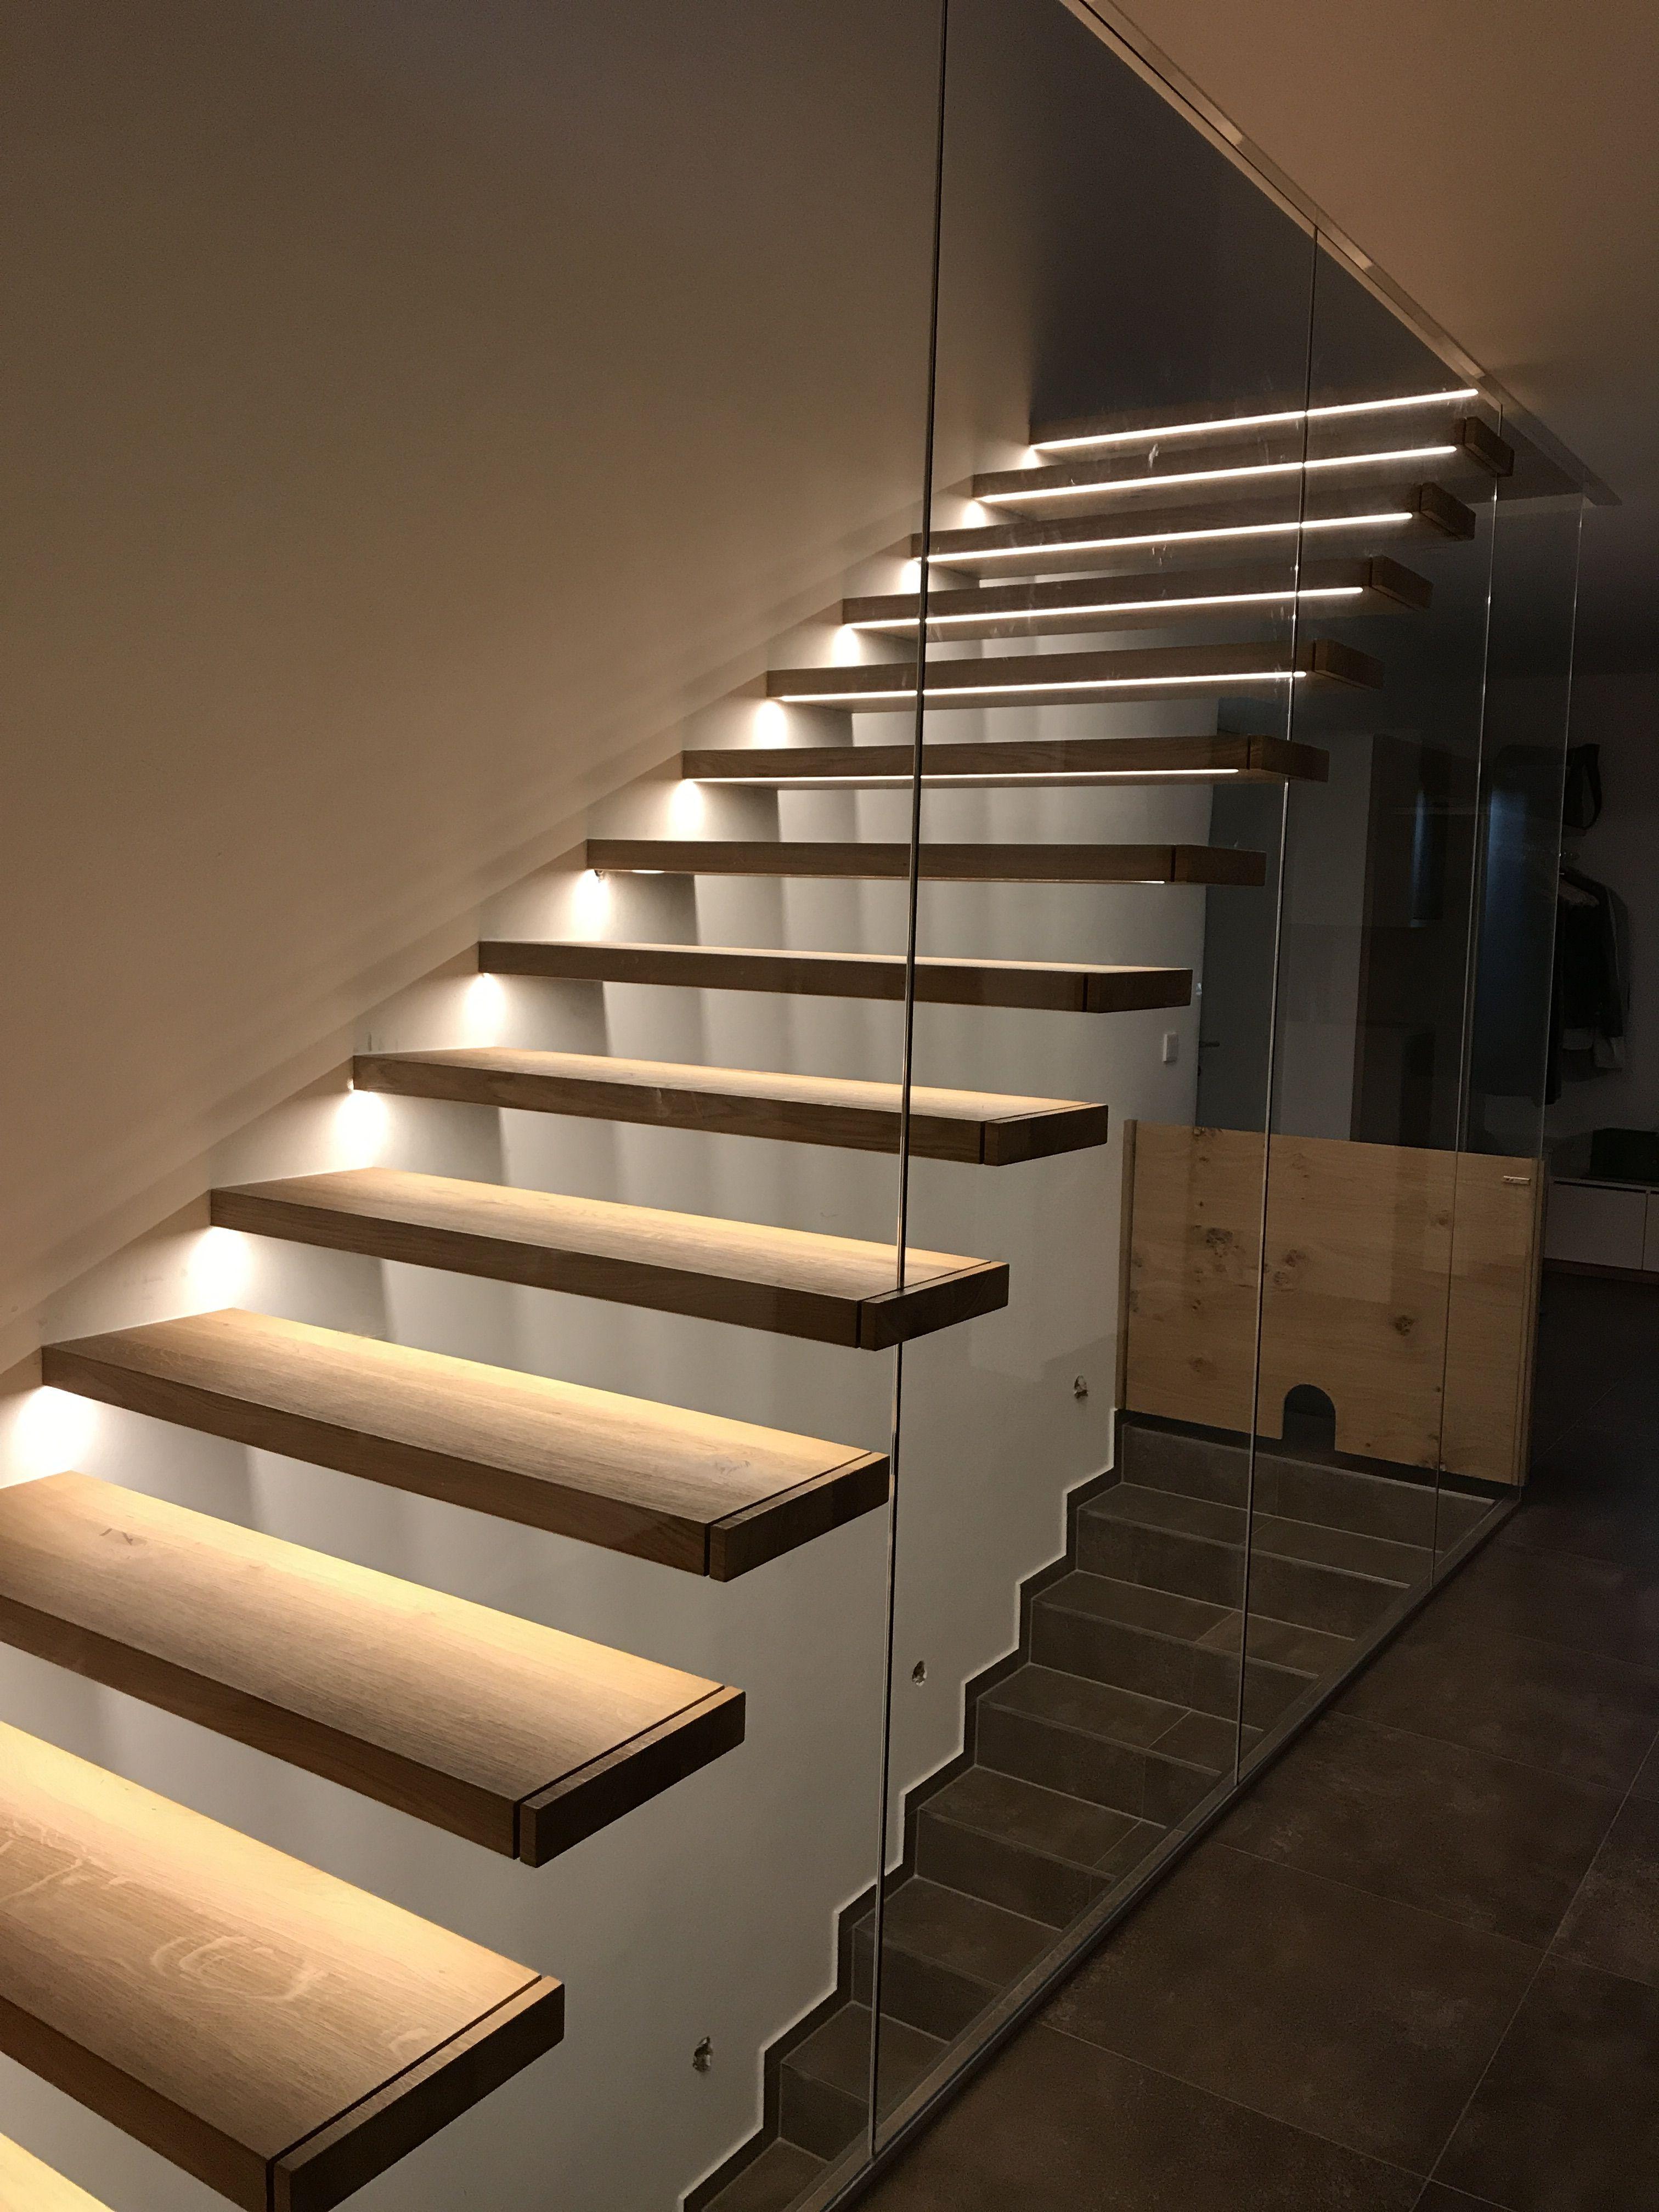 Wunderbar #glas #designdeinteriores #design #stairs #schachreiter #treppe